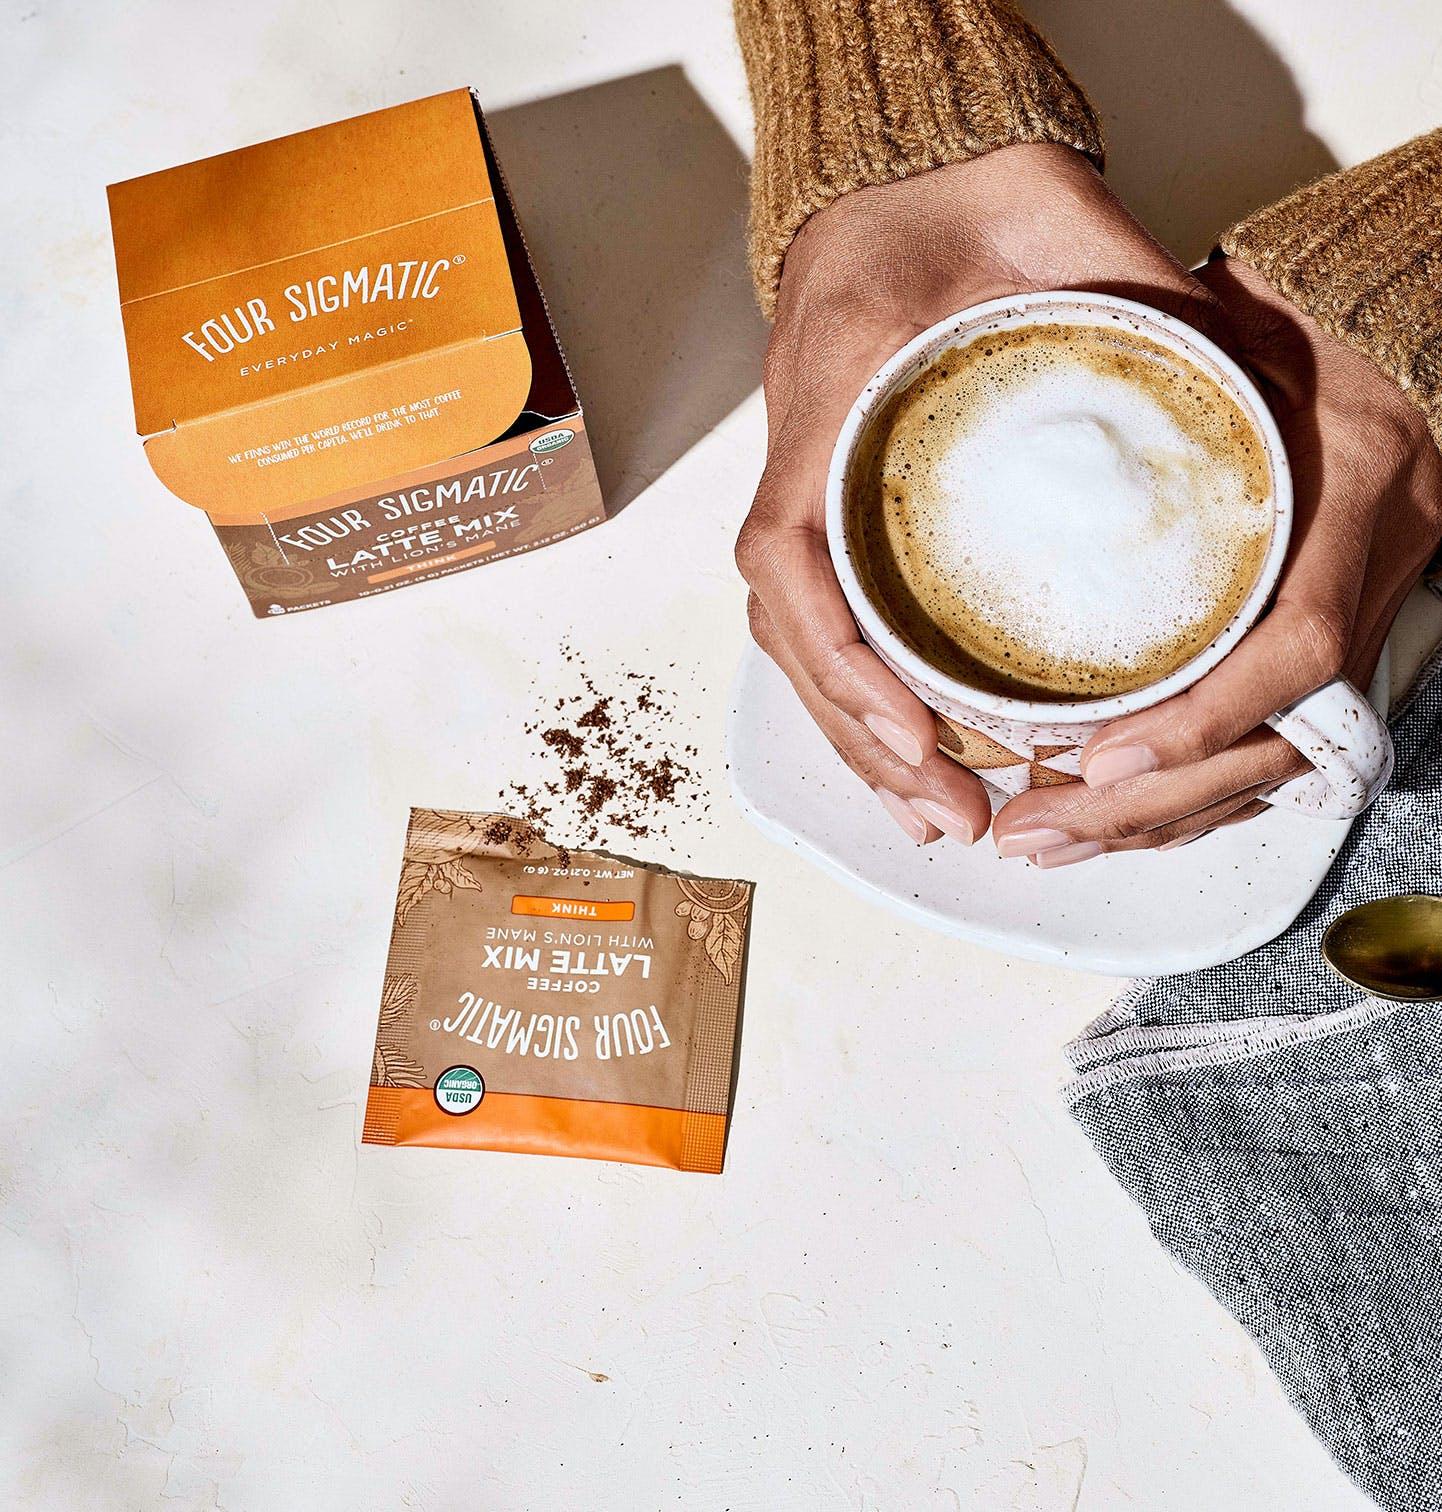 Mushroom Coffee latte drink